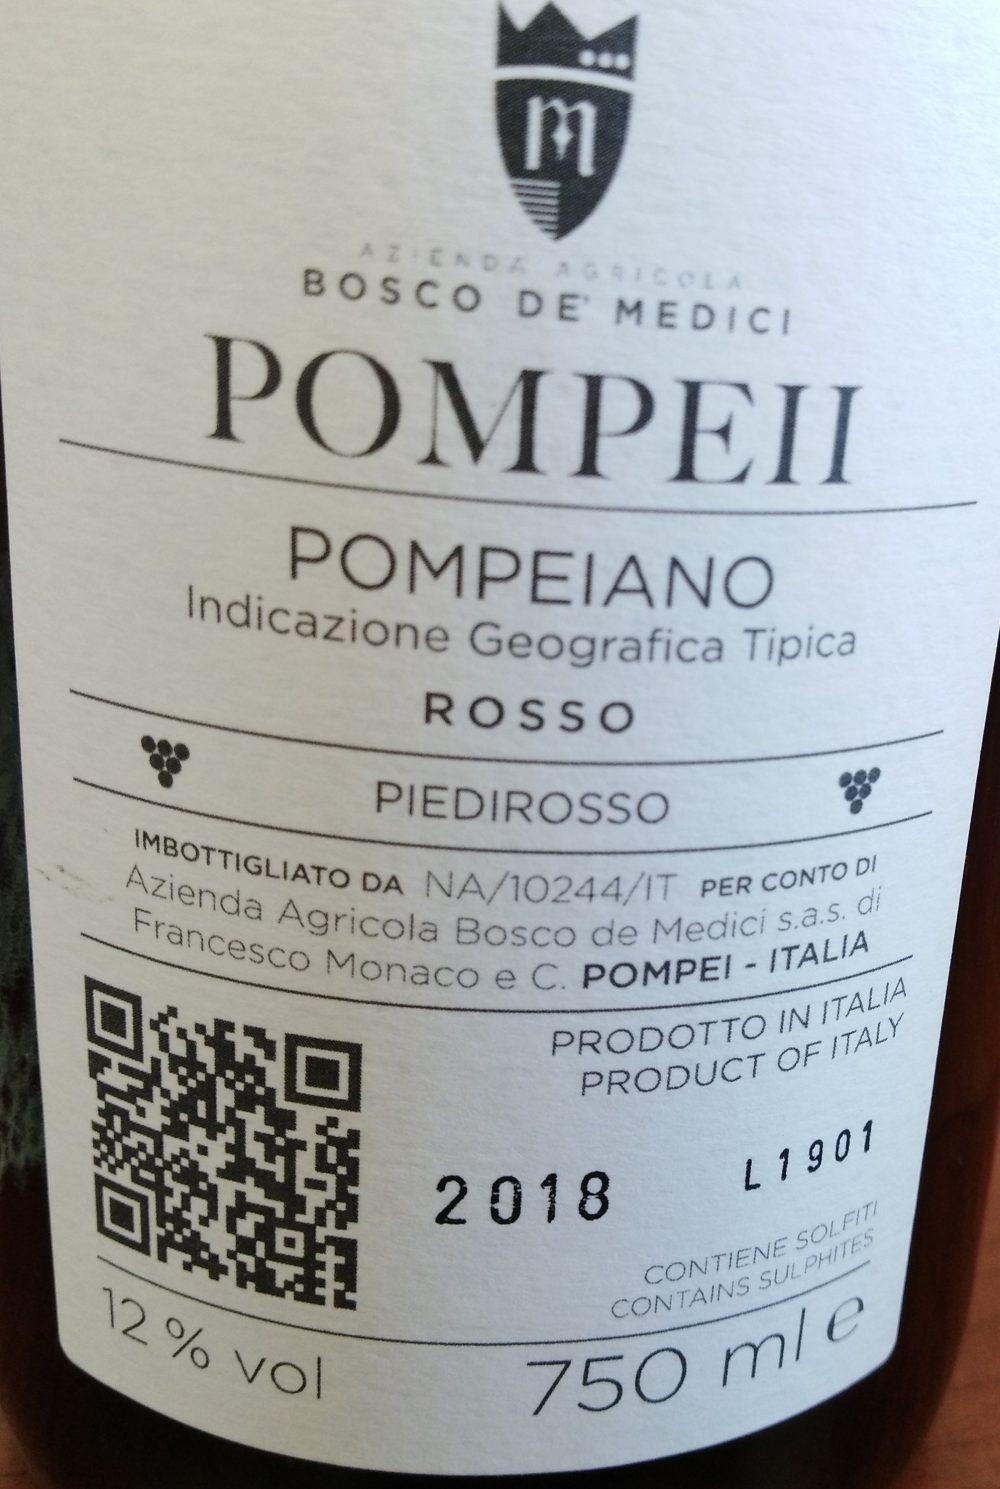 Controetichetta Pompeii Pompeiano Rosso Pieditrosso Igt 2018 Bosco De' Medici